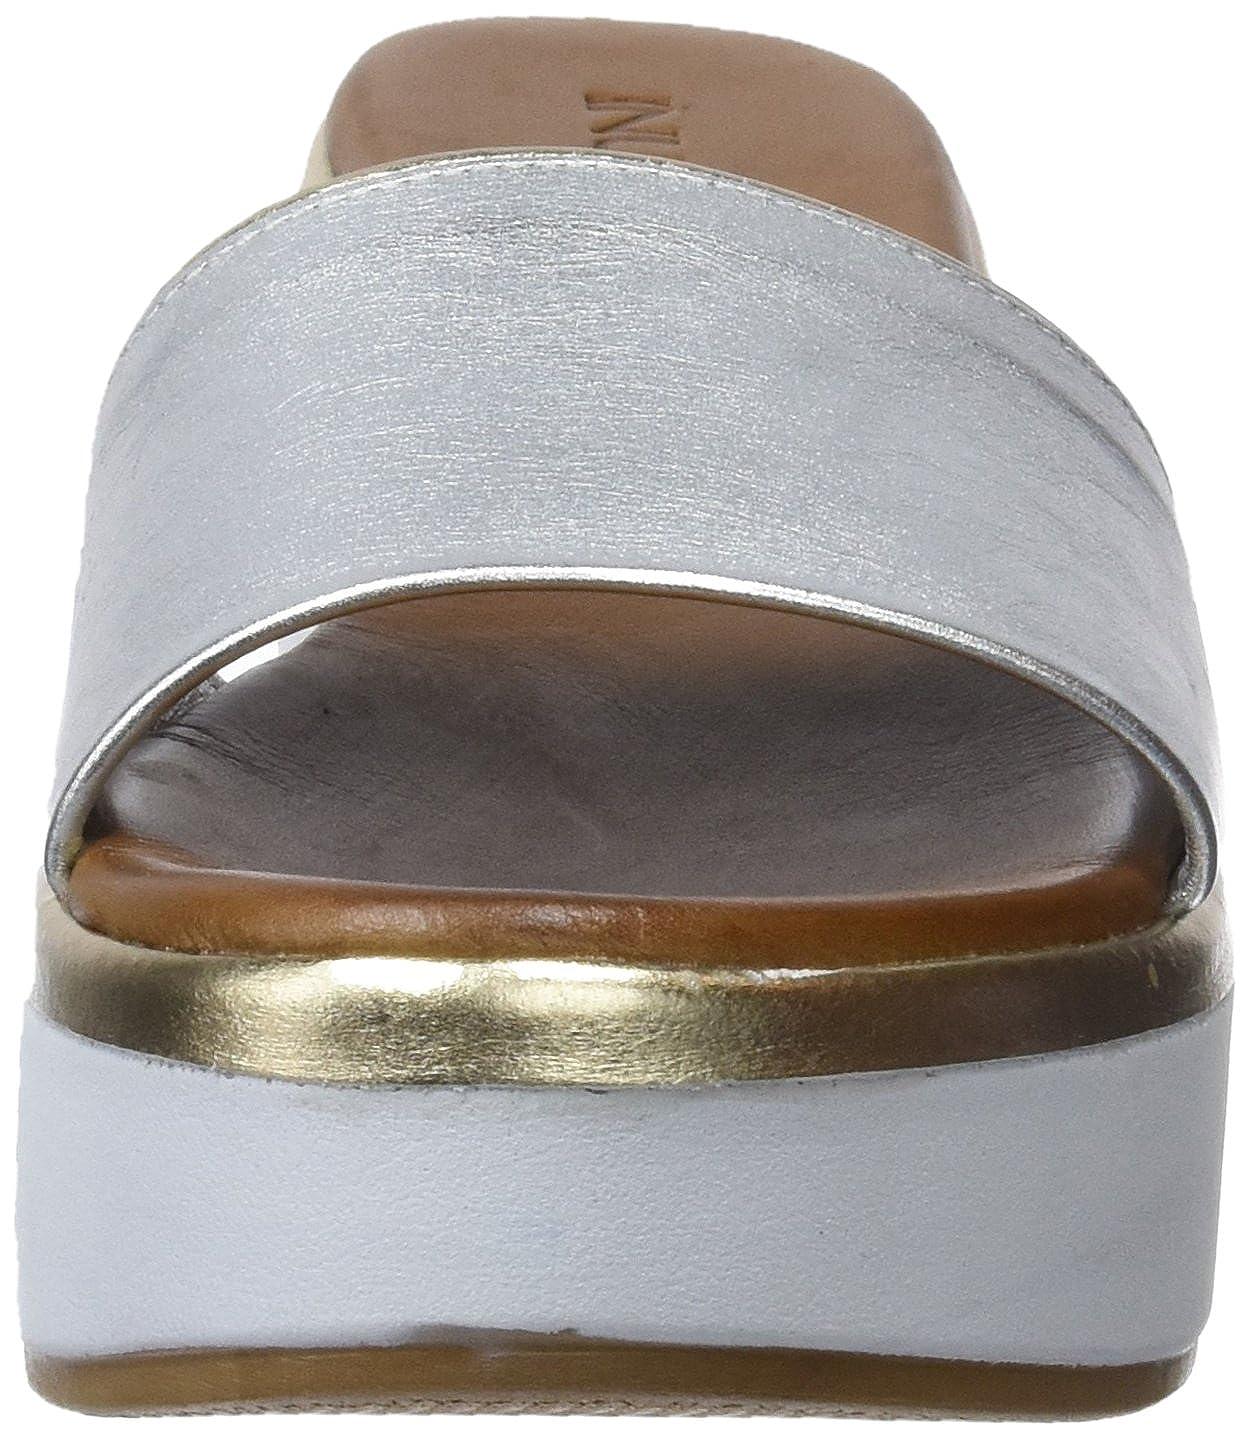 Mr.     Ms. Inuovo 8681, Infradito Donna Best-seller in tutto il mondo Ultimo stile Garanzia autentica   Conosciuto per la sua bellissima qualità    Uomini/Donne Scarpa  5f2744